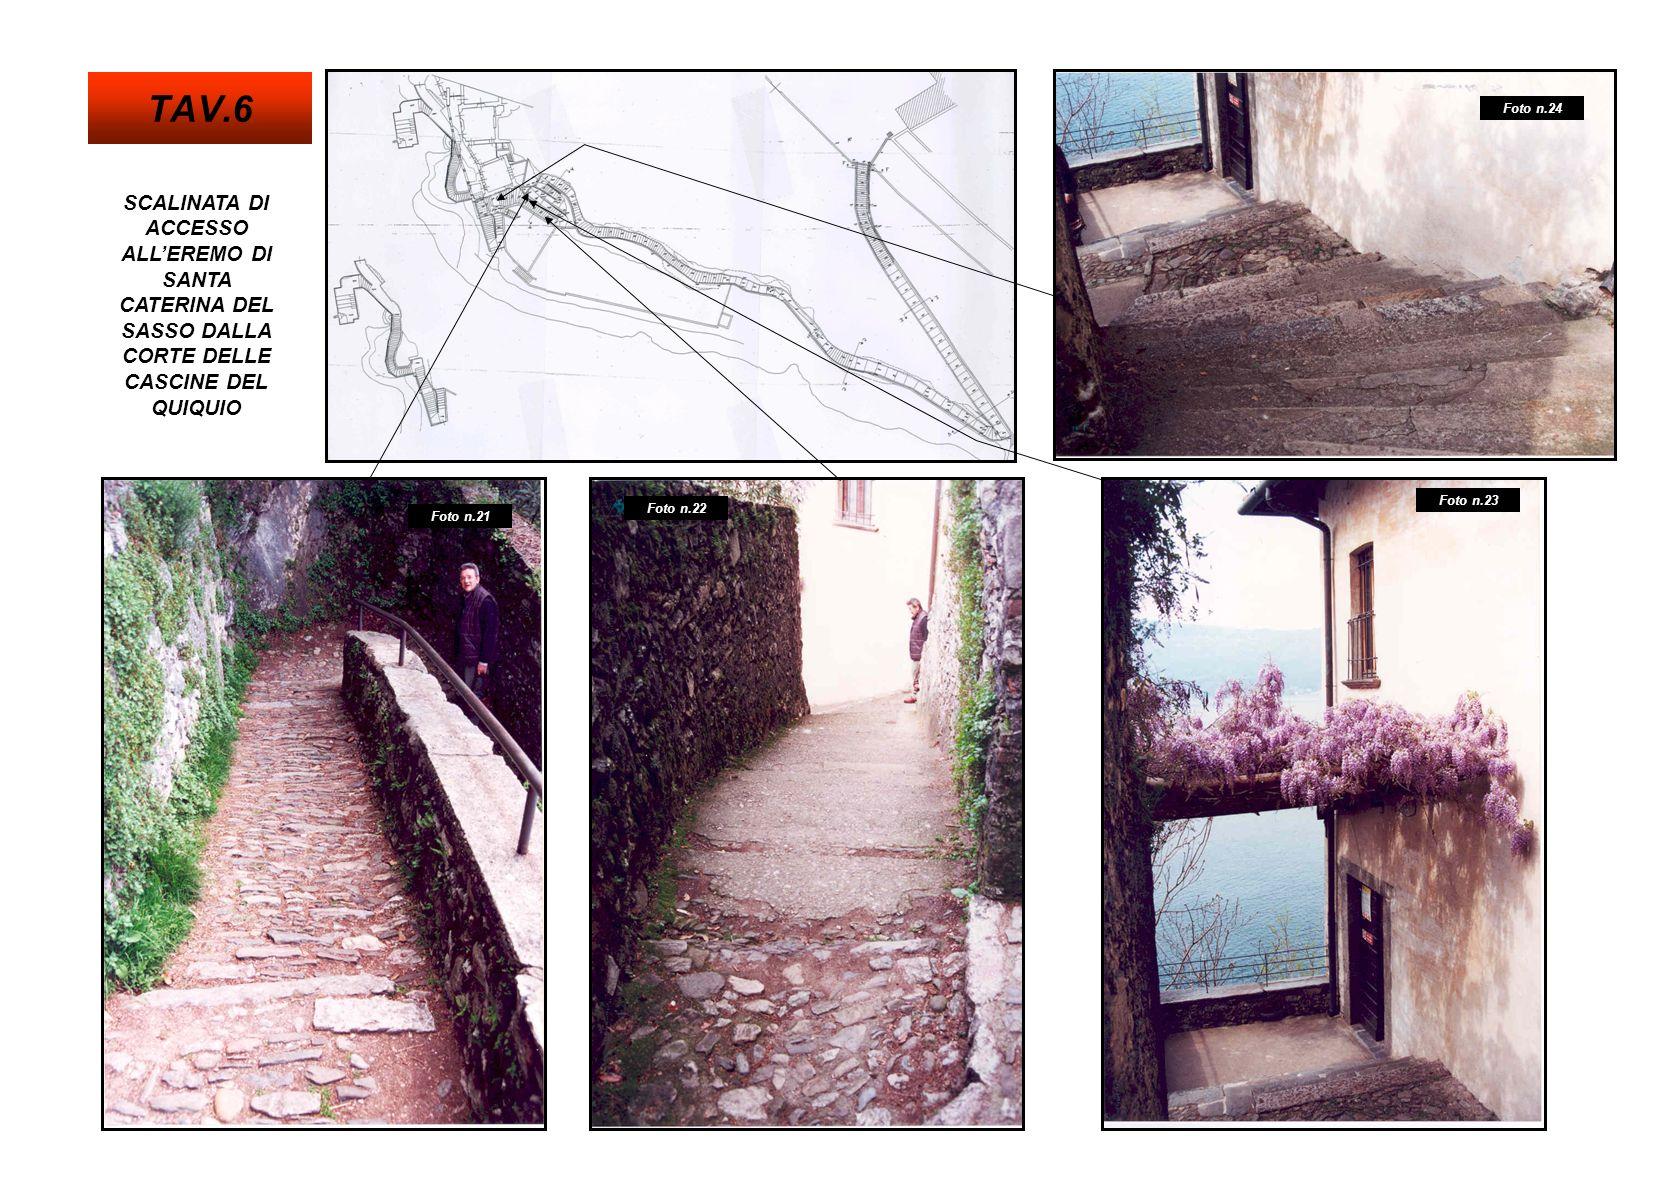 TAV.6 Foto n.24. SCALINATA DI ACCESSO ALL'EREMO DI SANTA CATERINA DEL SASSO DALLA CORTE DELLE CASCINE DEL QUIQUIO.